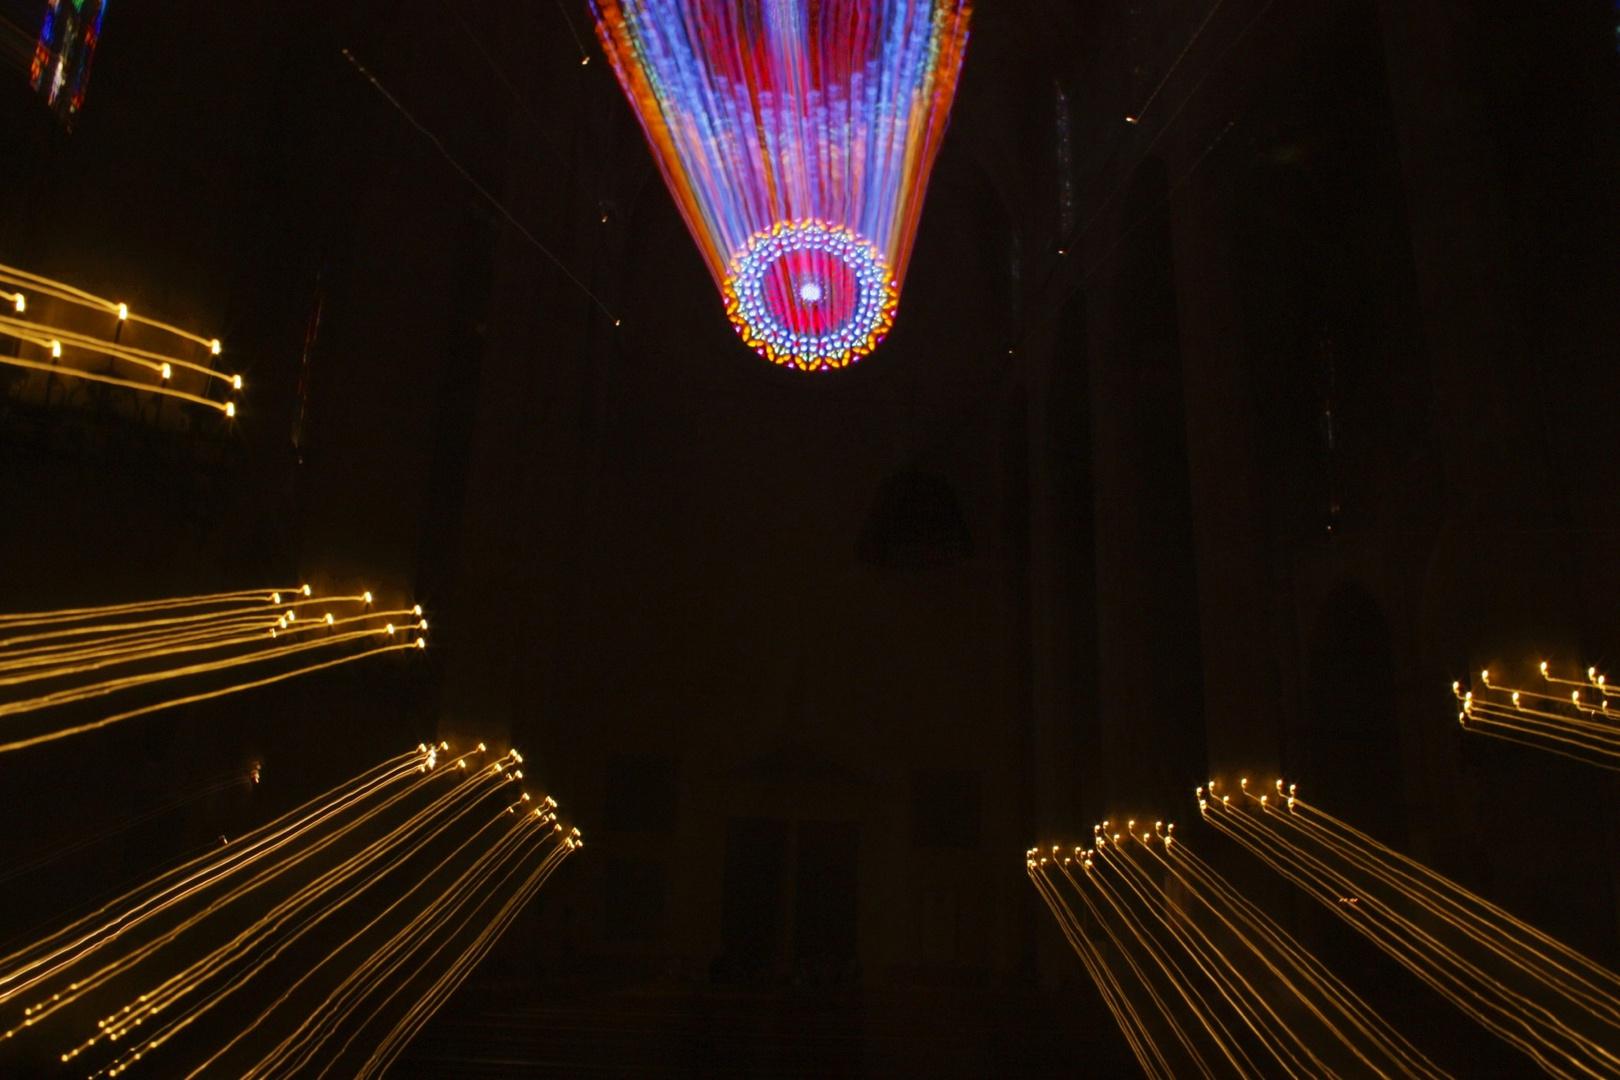 Licht in der Kathedrale